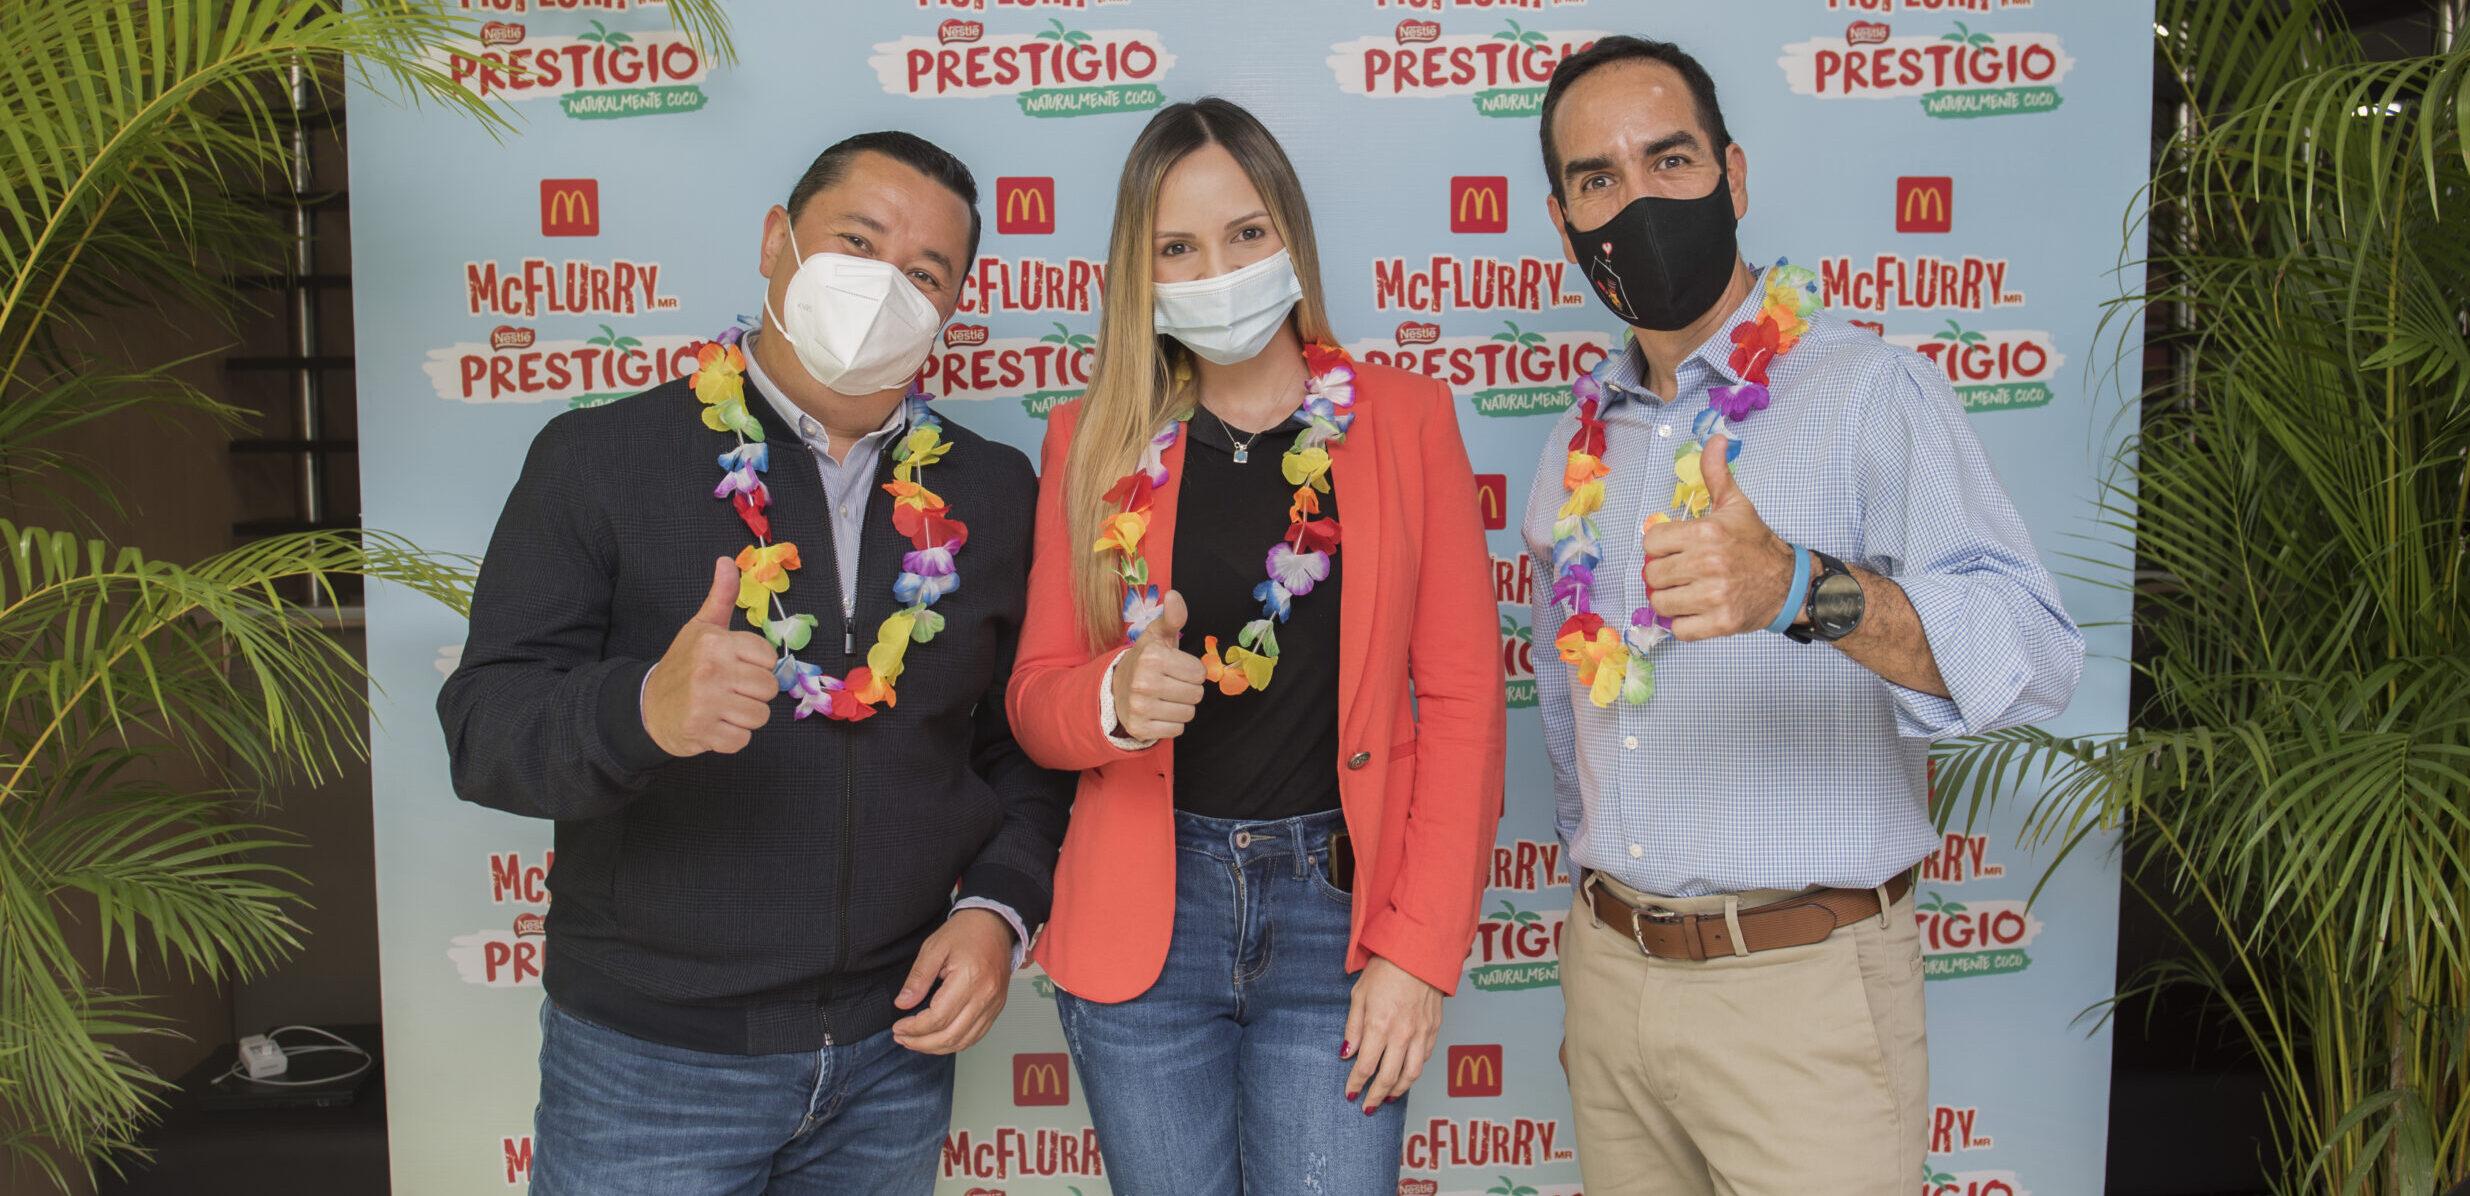 [Venezuela] McFlurry Prestigio llenó de sabor a Venezuela